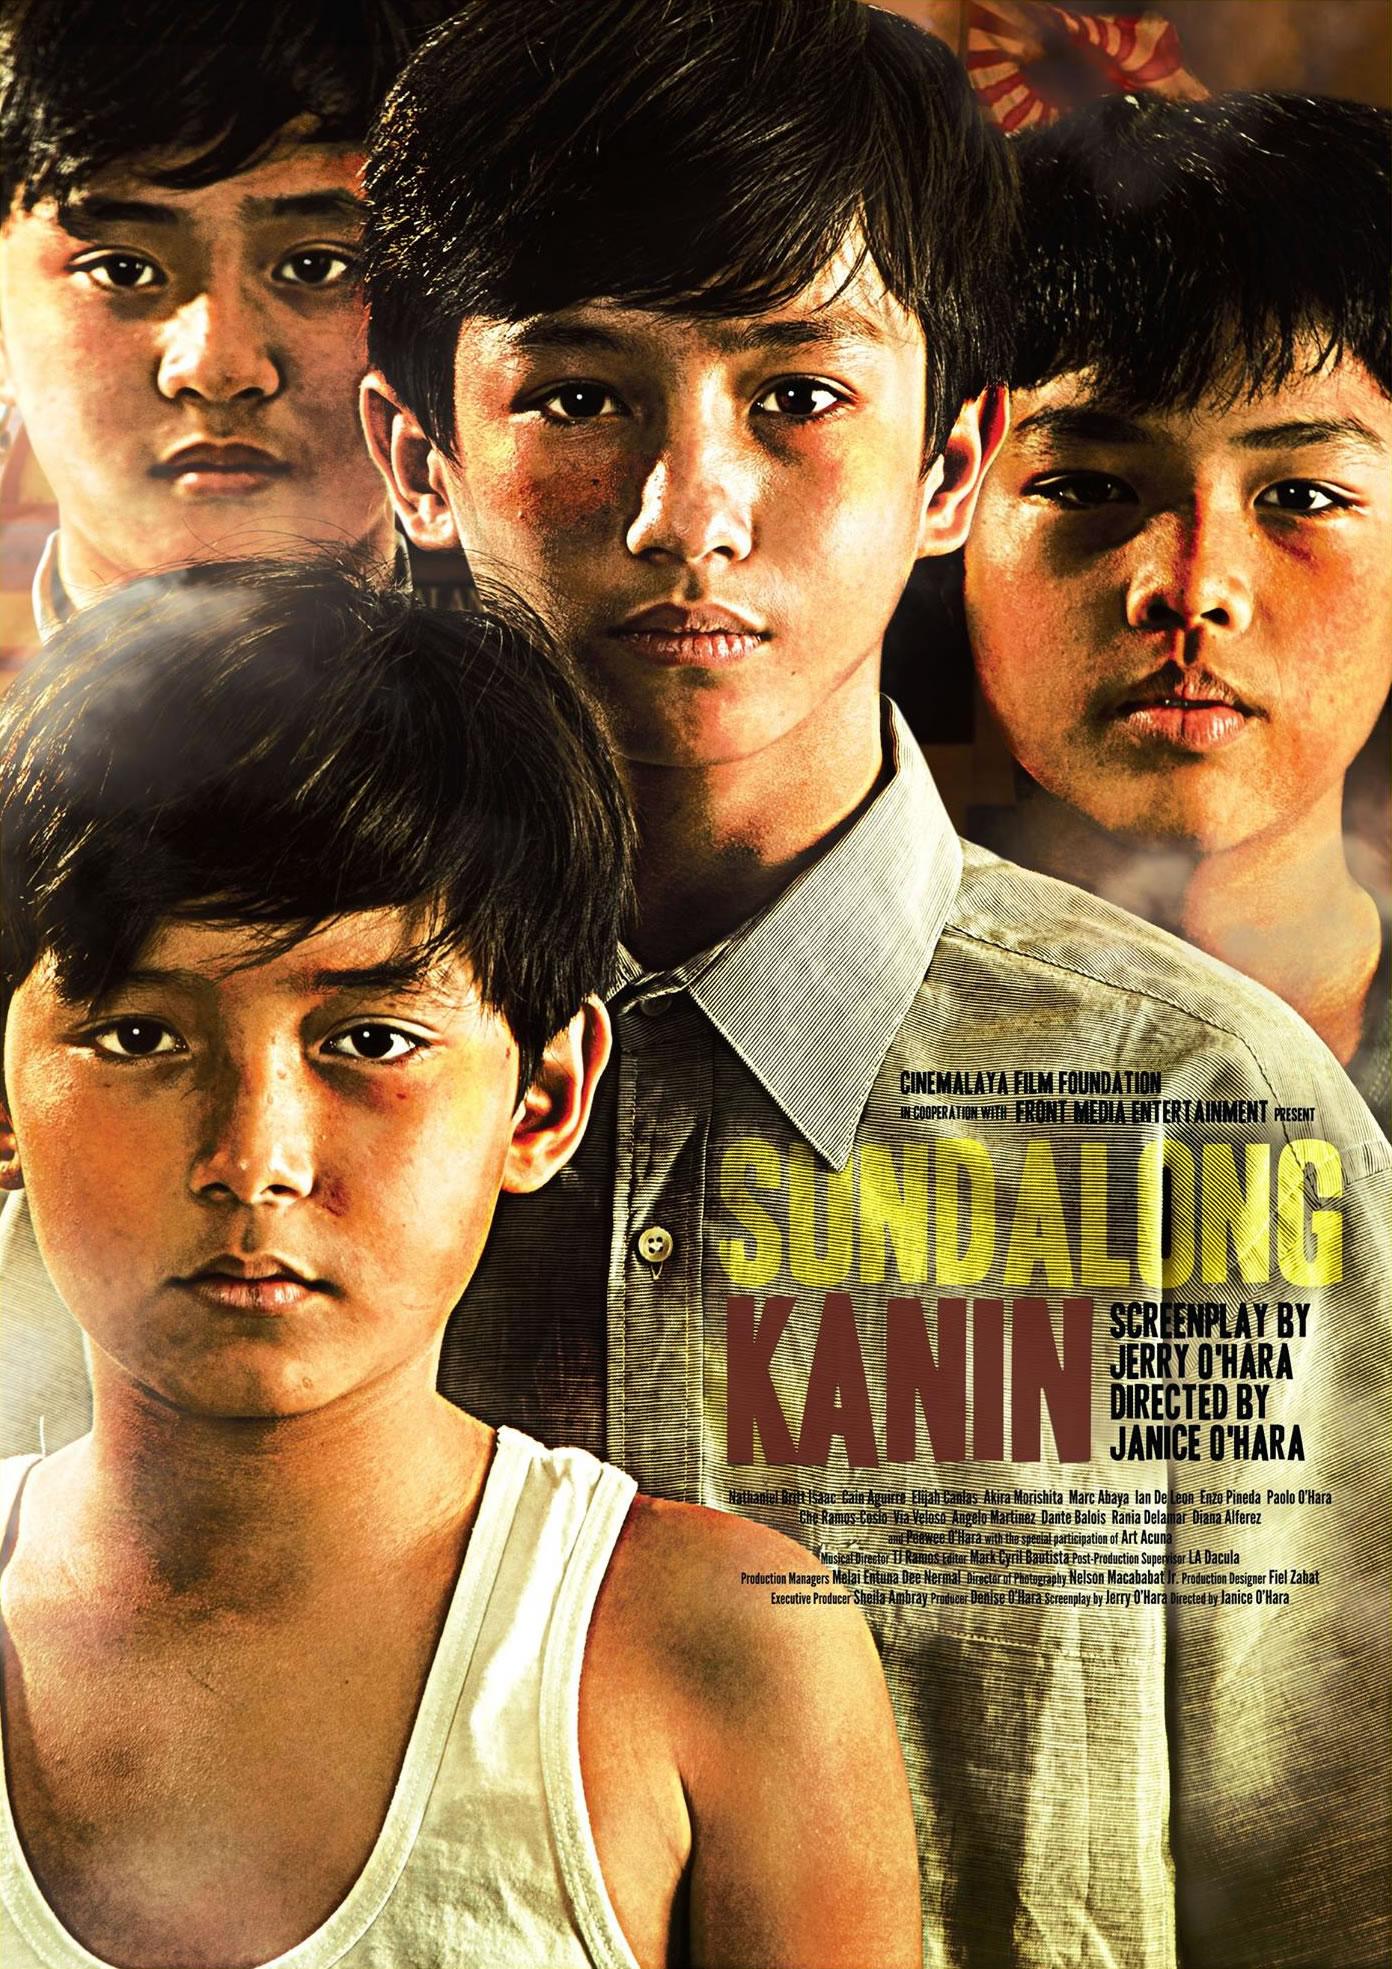 Sundalong Kanin (Poster)